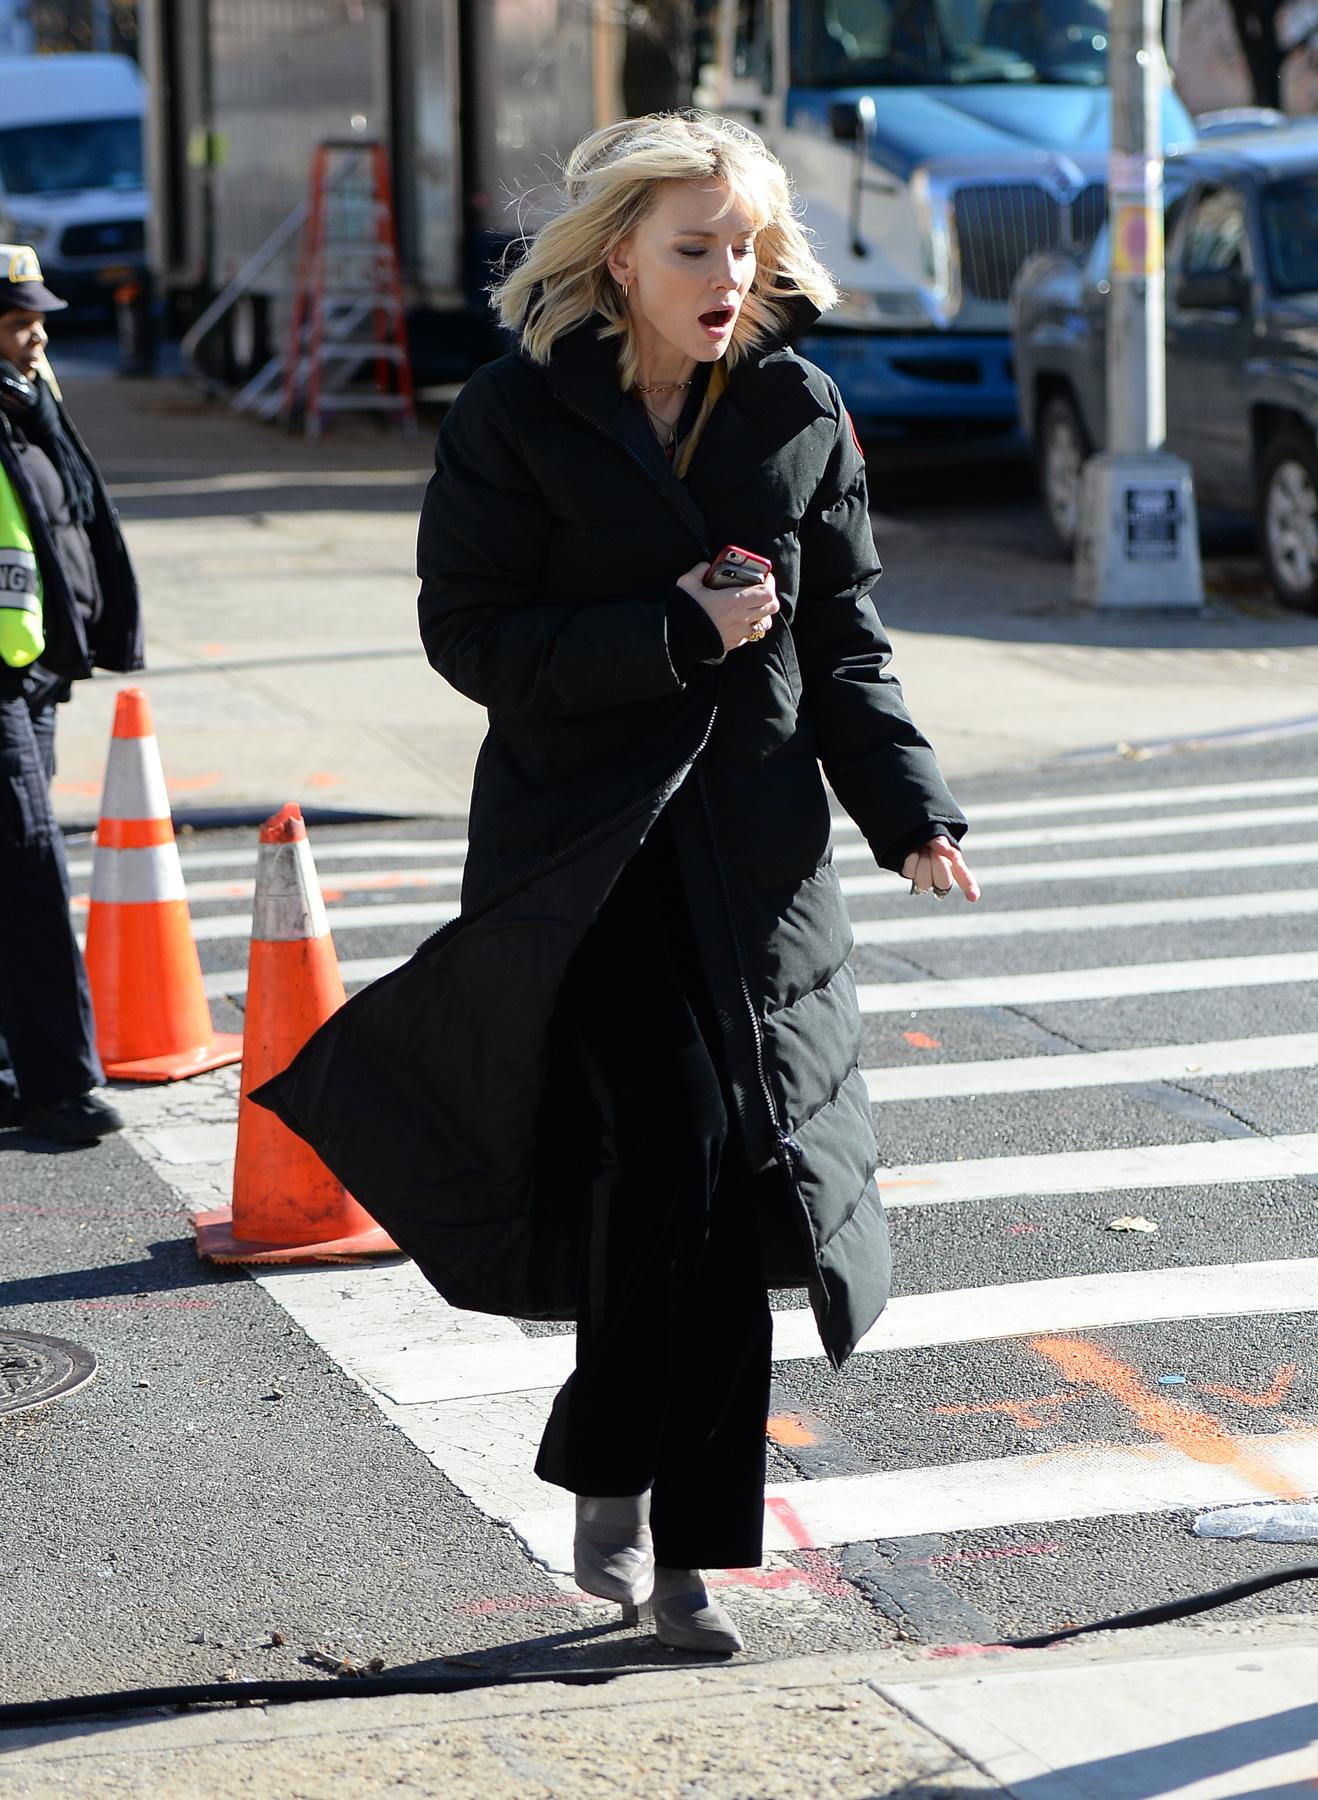 Madonna a londoni tél ellen is nagykabáttal és meleg nadrággal védekezik. .